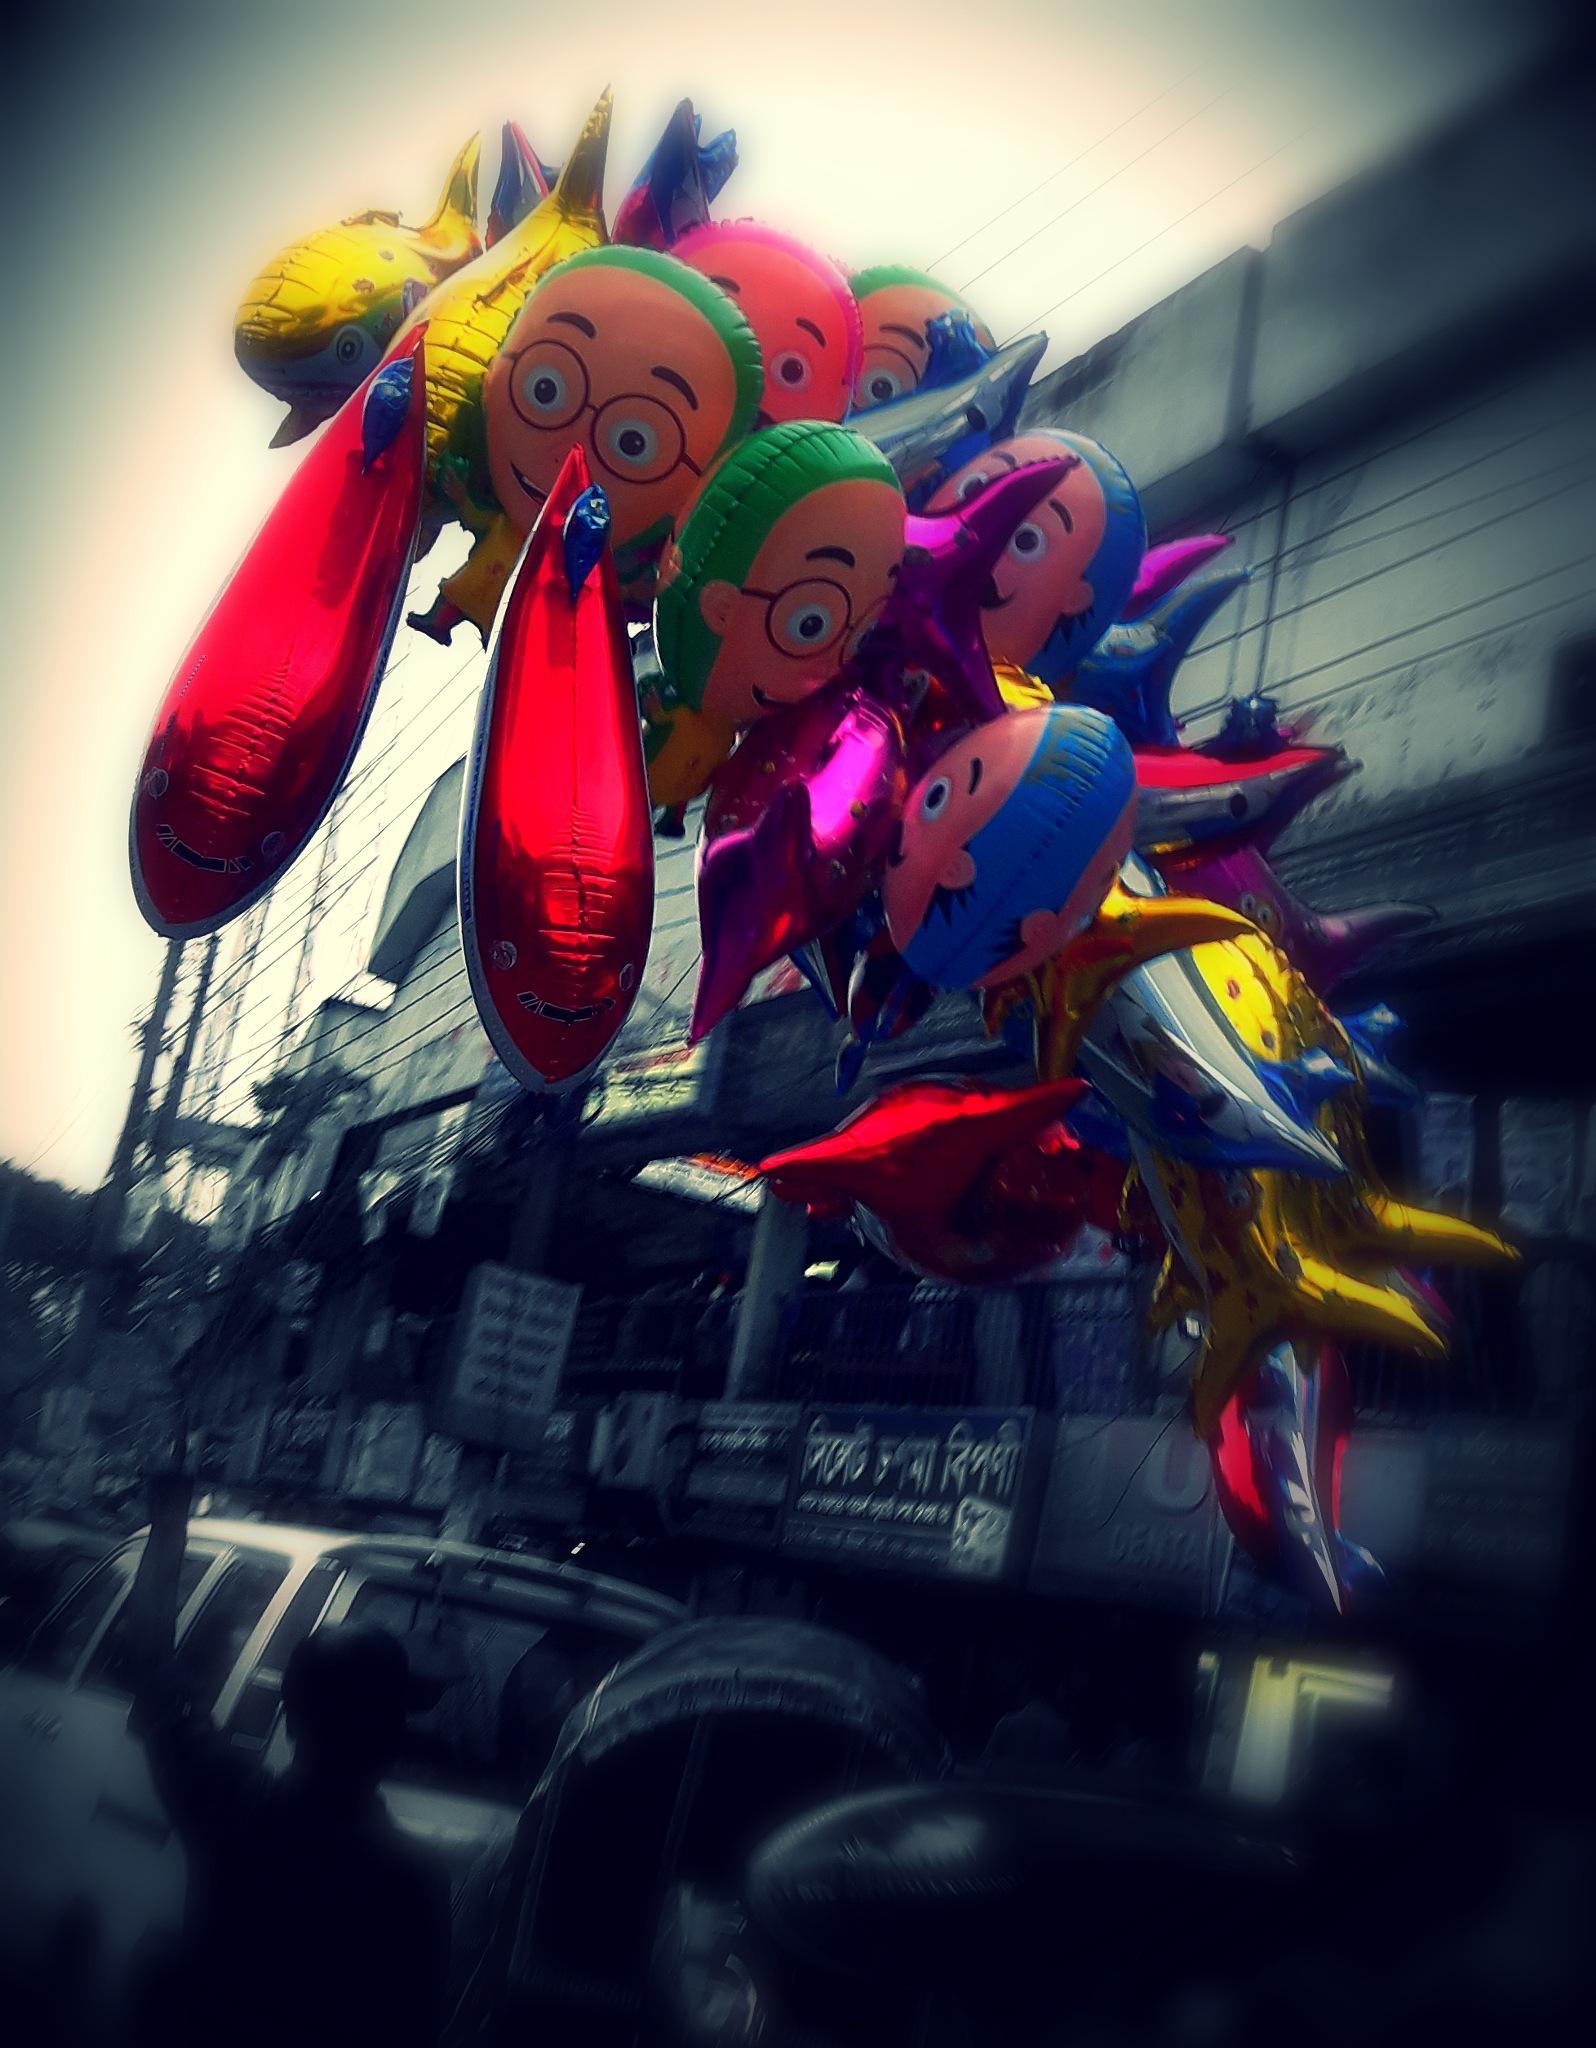 Air-balloon by Rafi islam